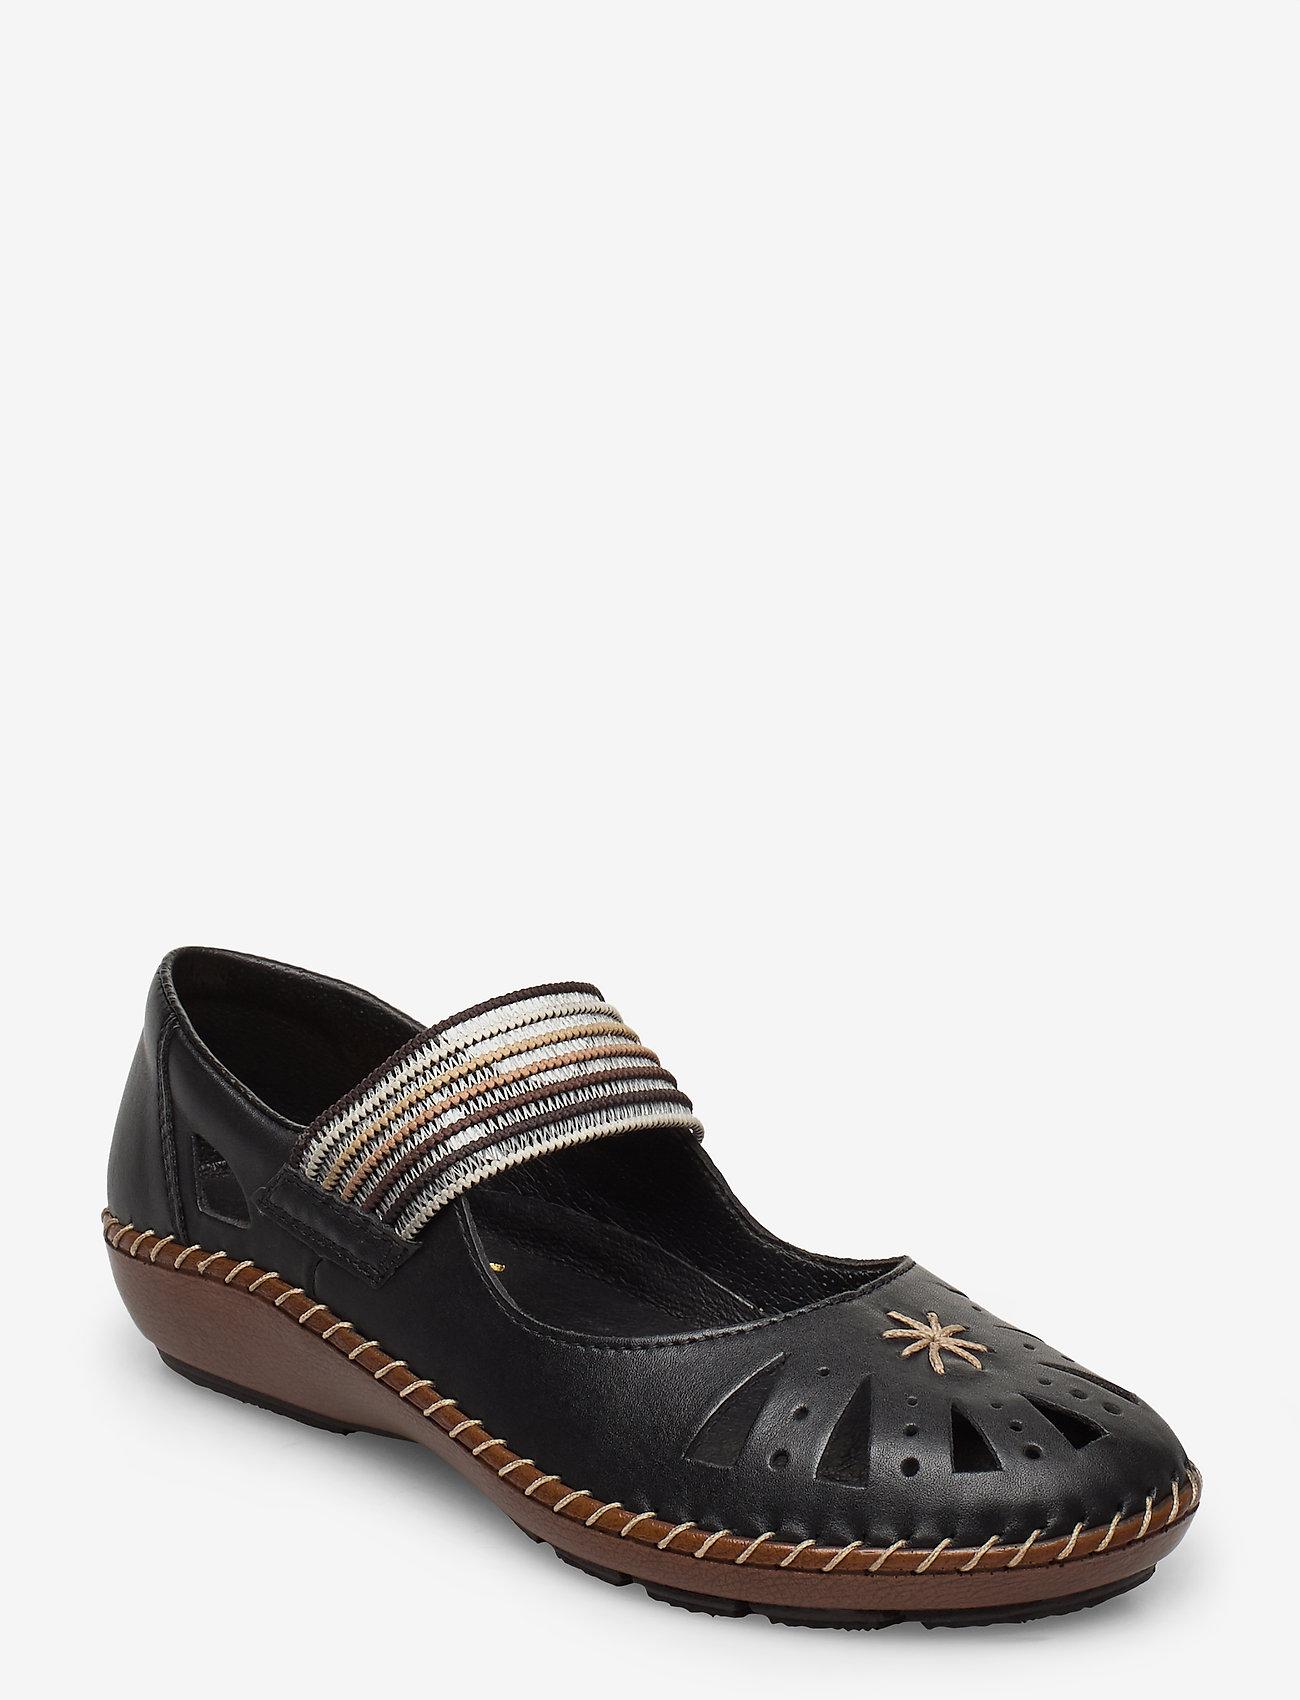 Rieker - 44865-00 - ballerinas - black